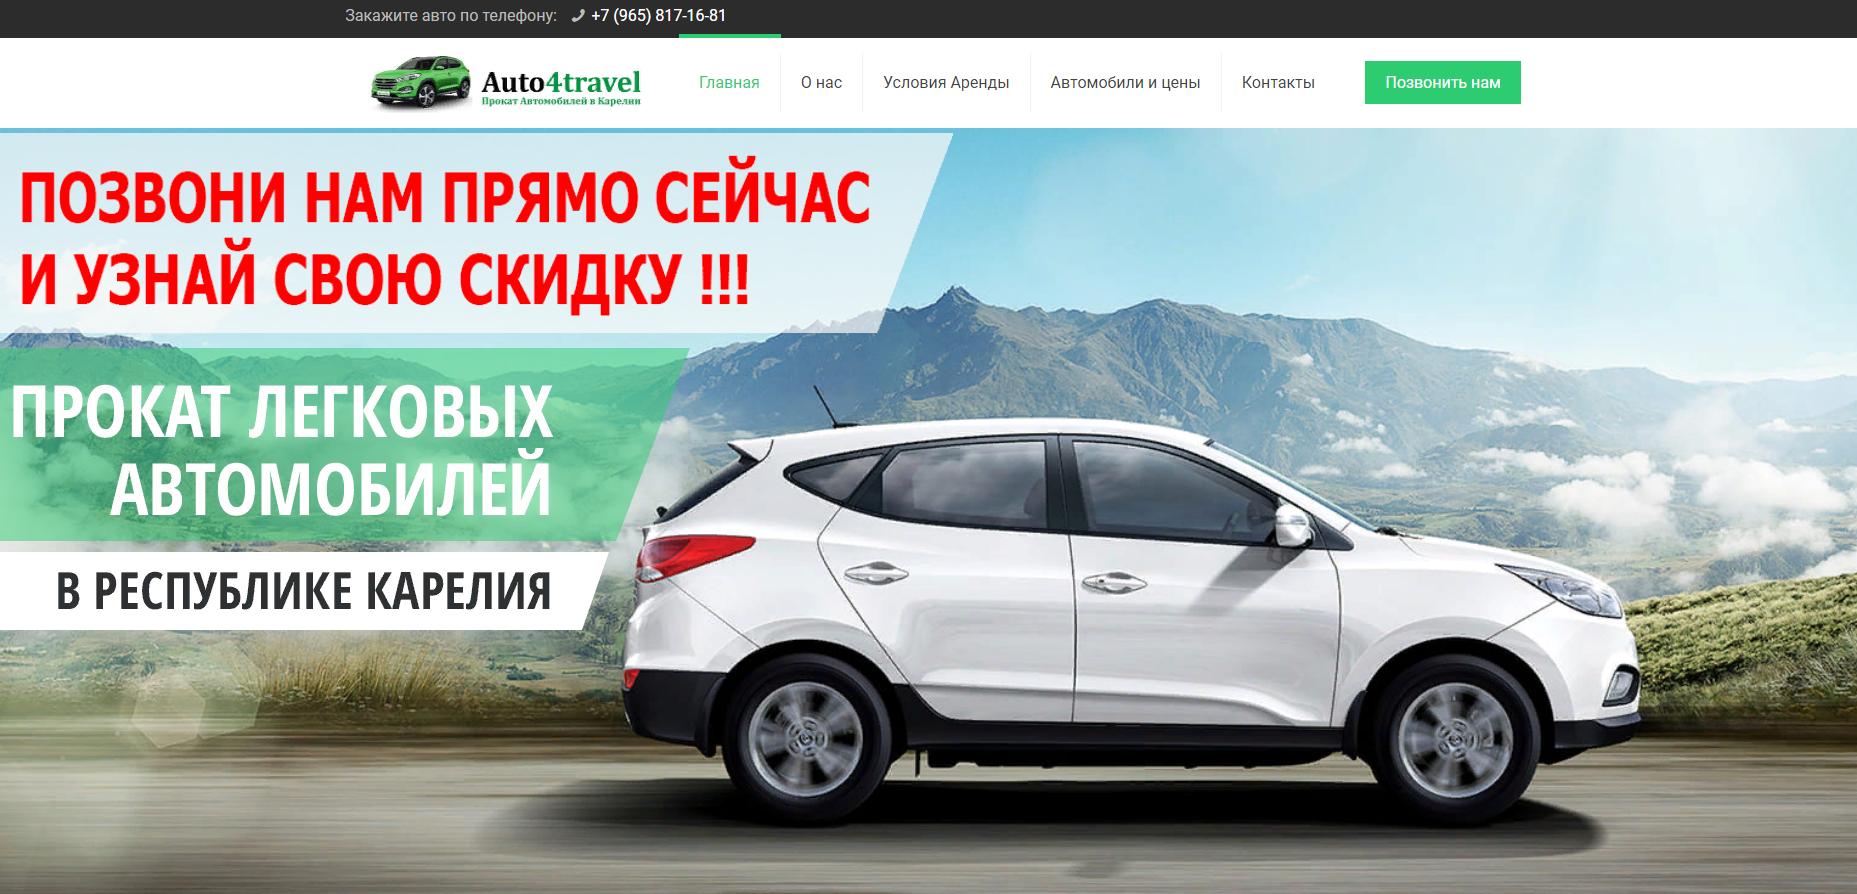 Auto4travel